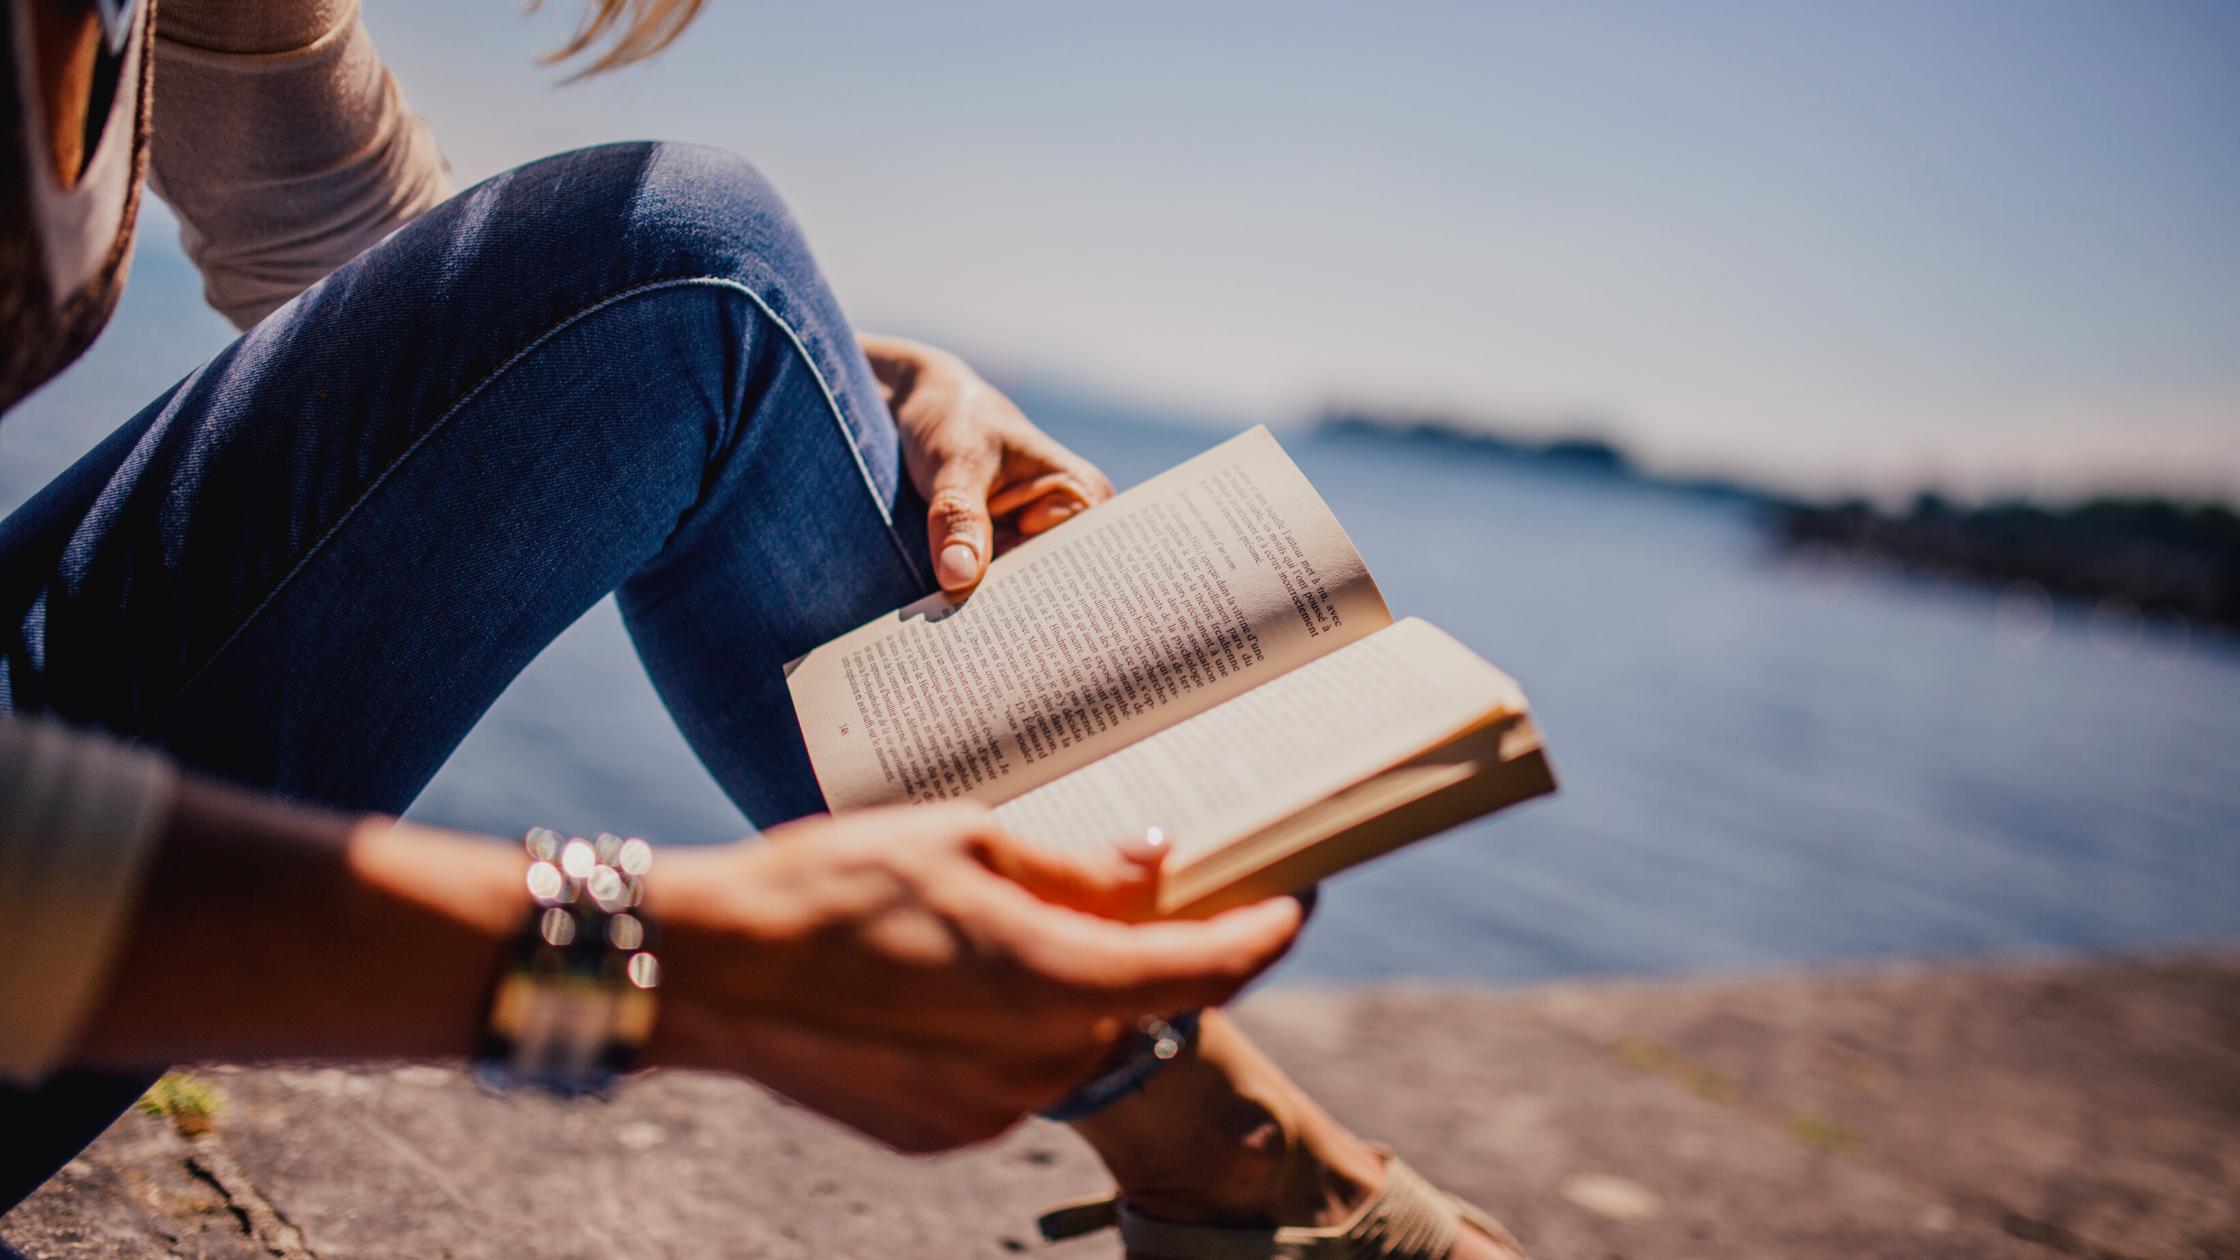 Les écrits littéraires sont à distinguer des écrits professionnels